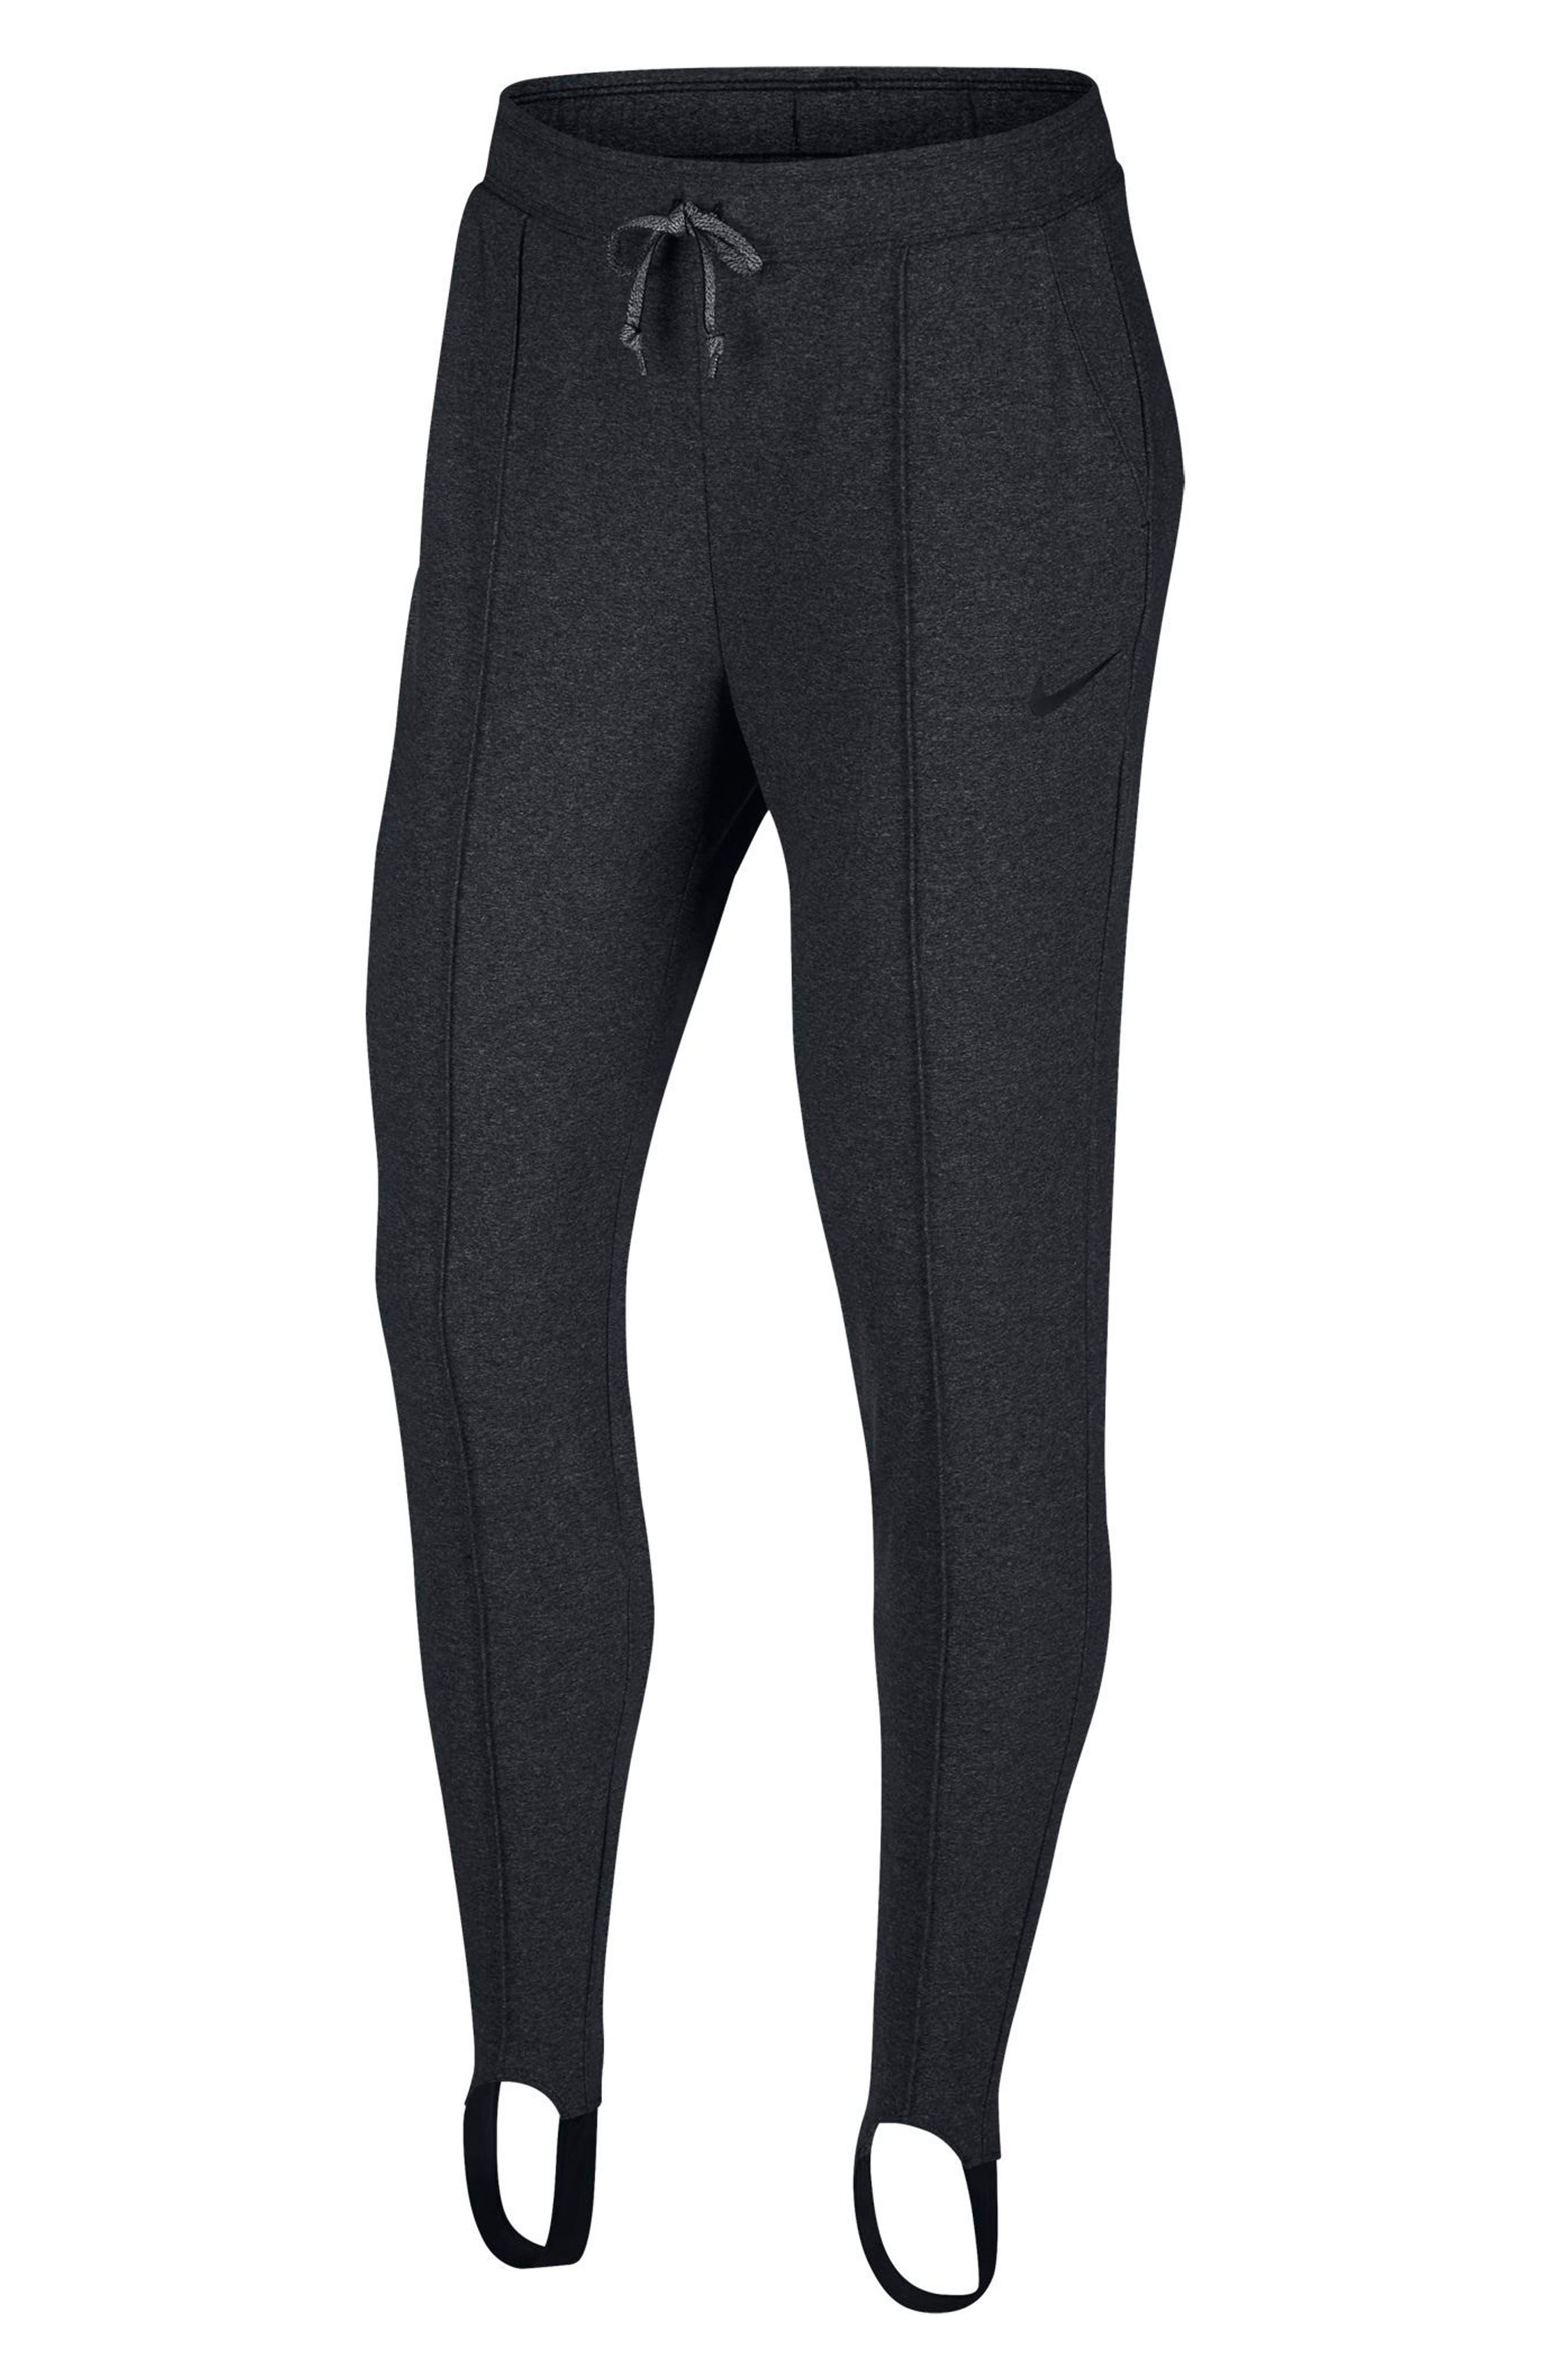 Dry Training Pants,                             Main thumbnail 1, color,                             Black/ Heather/ Black